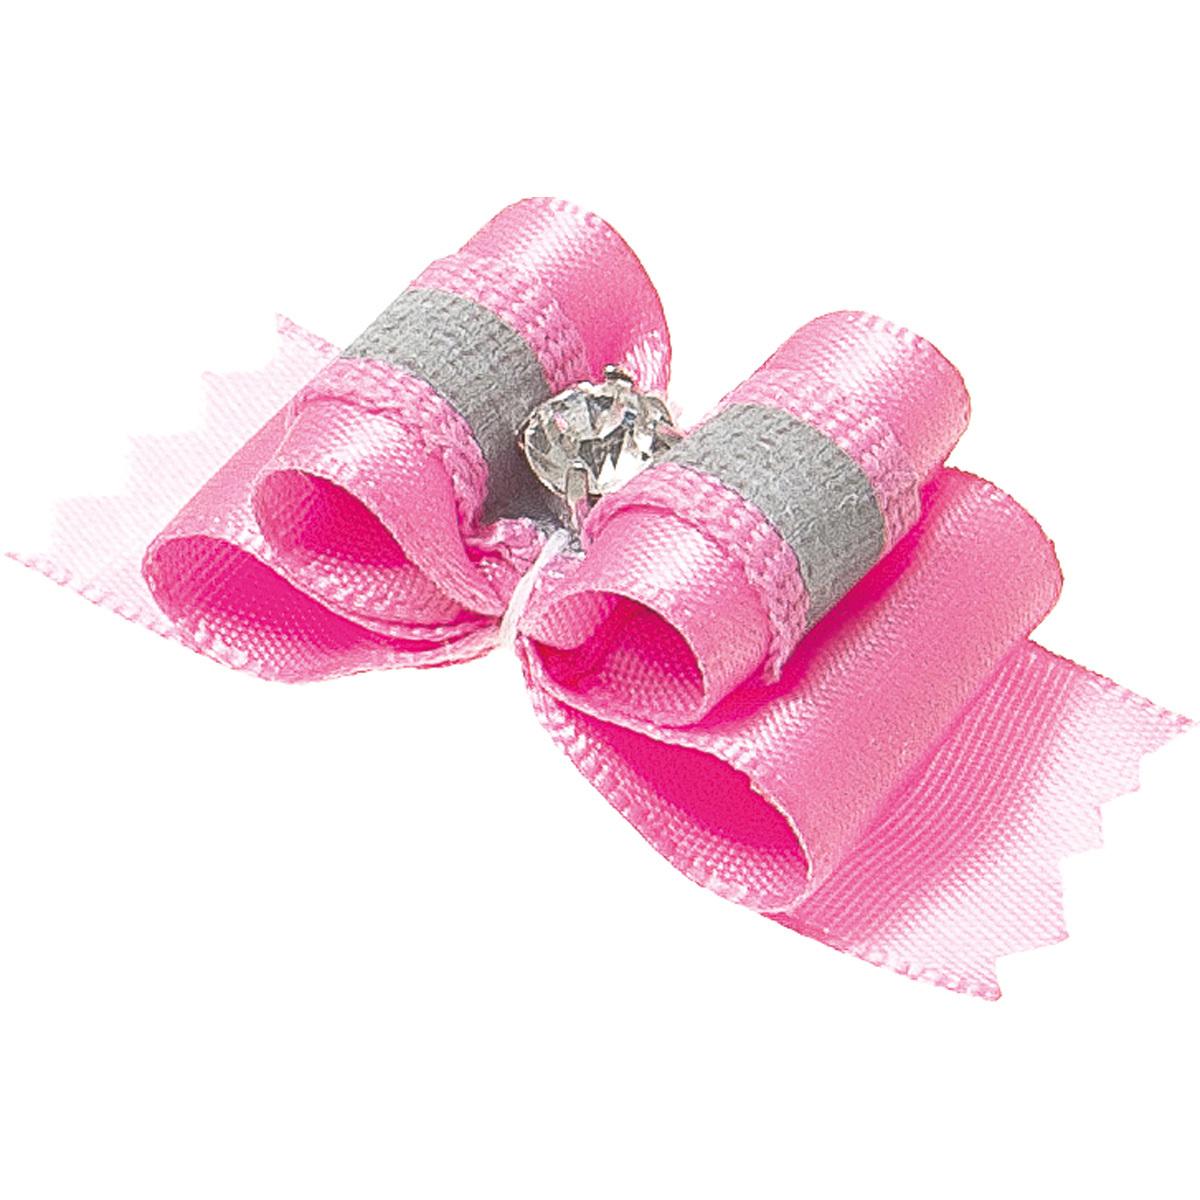 Бантик для собак ZooOne Ностальжи, пара,светоотражающий,тройной объёмный,розовый,4,5х1,5см